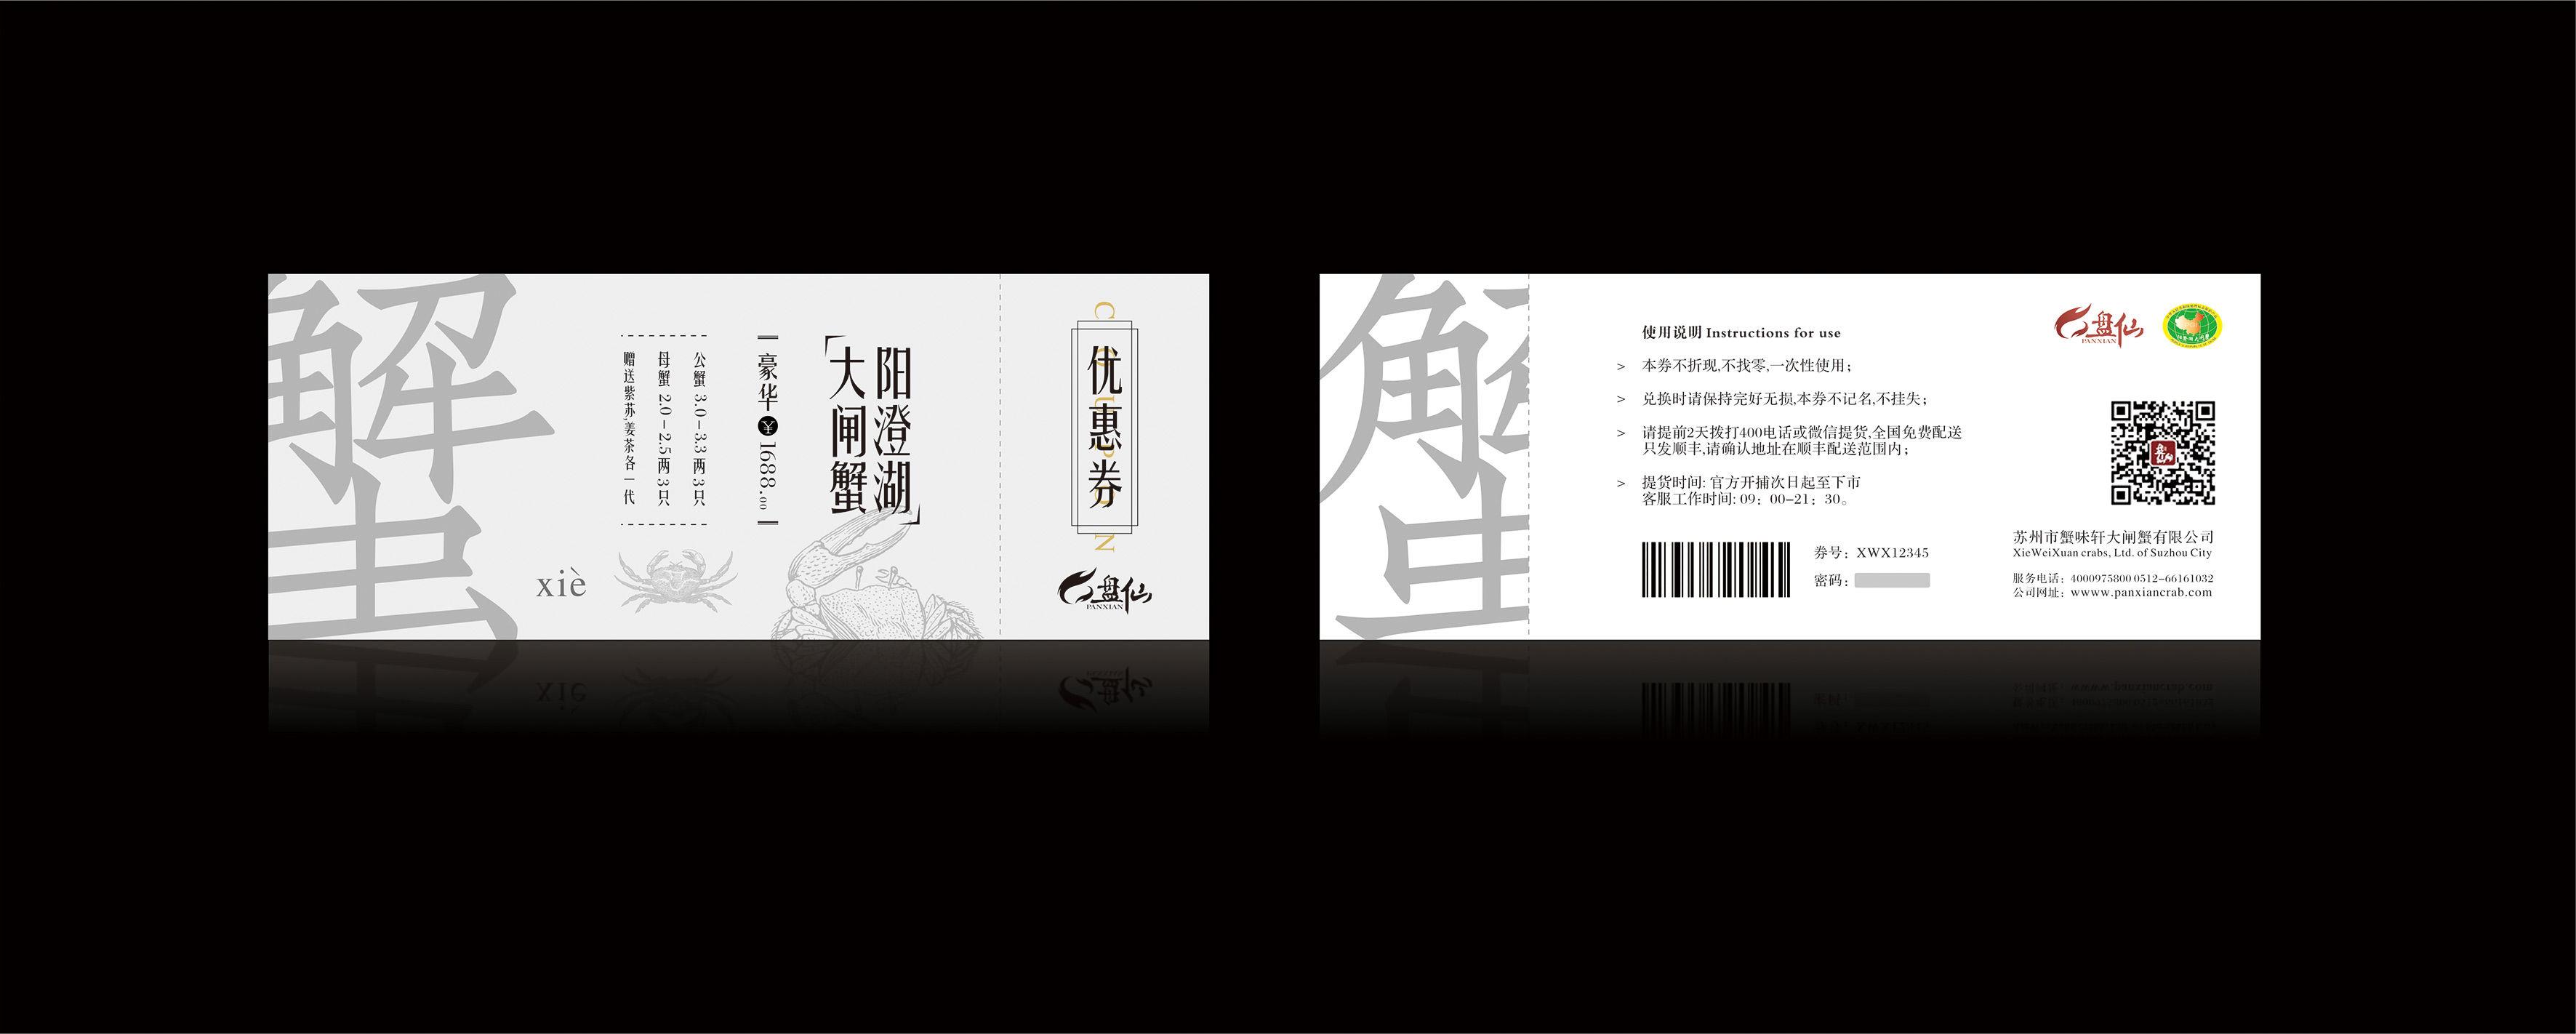 盘仙阳澄湖大闸蟹包装礼券设计12